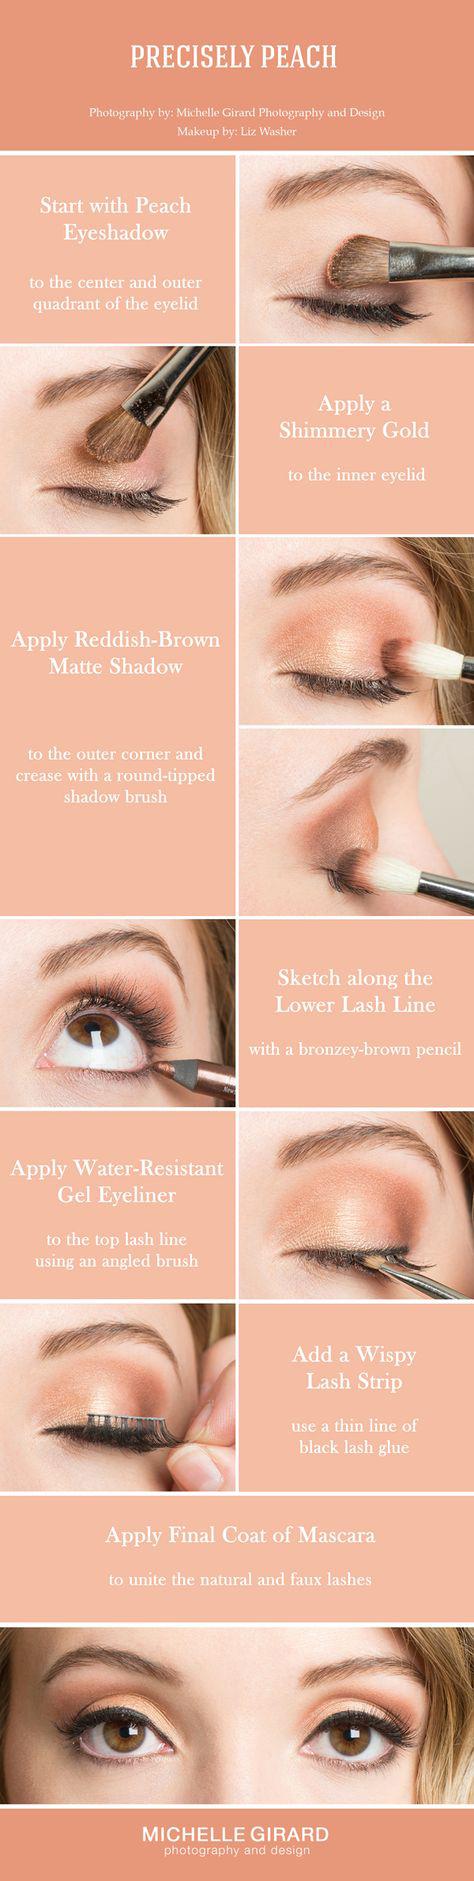 peach-eye-shadow-tutorial9